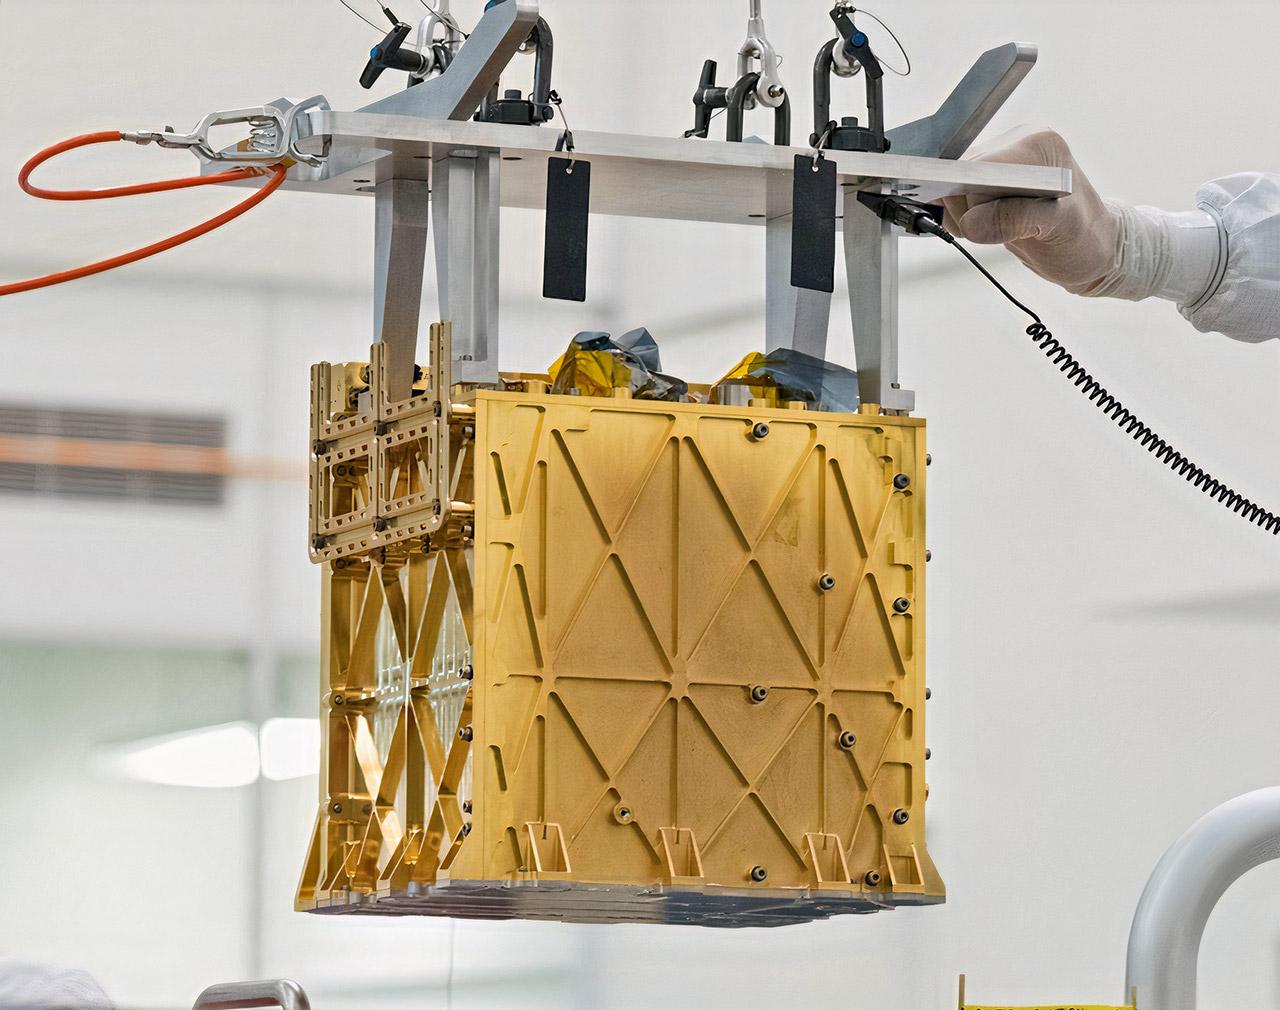 NASA MOXIE Mars Air Oxygen